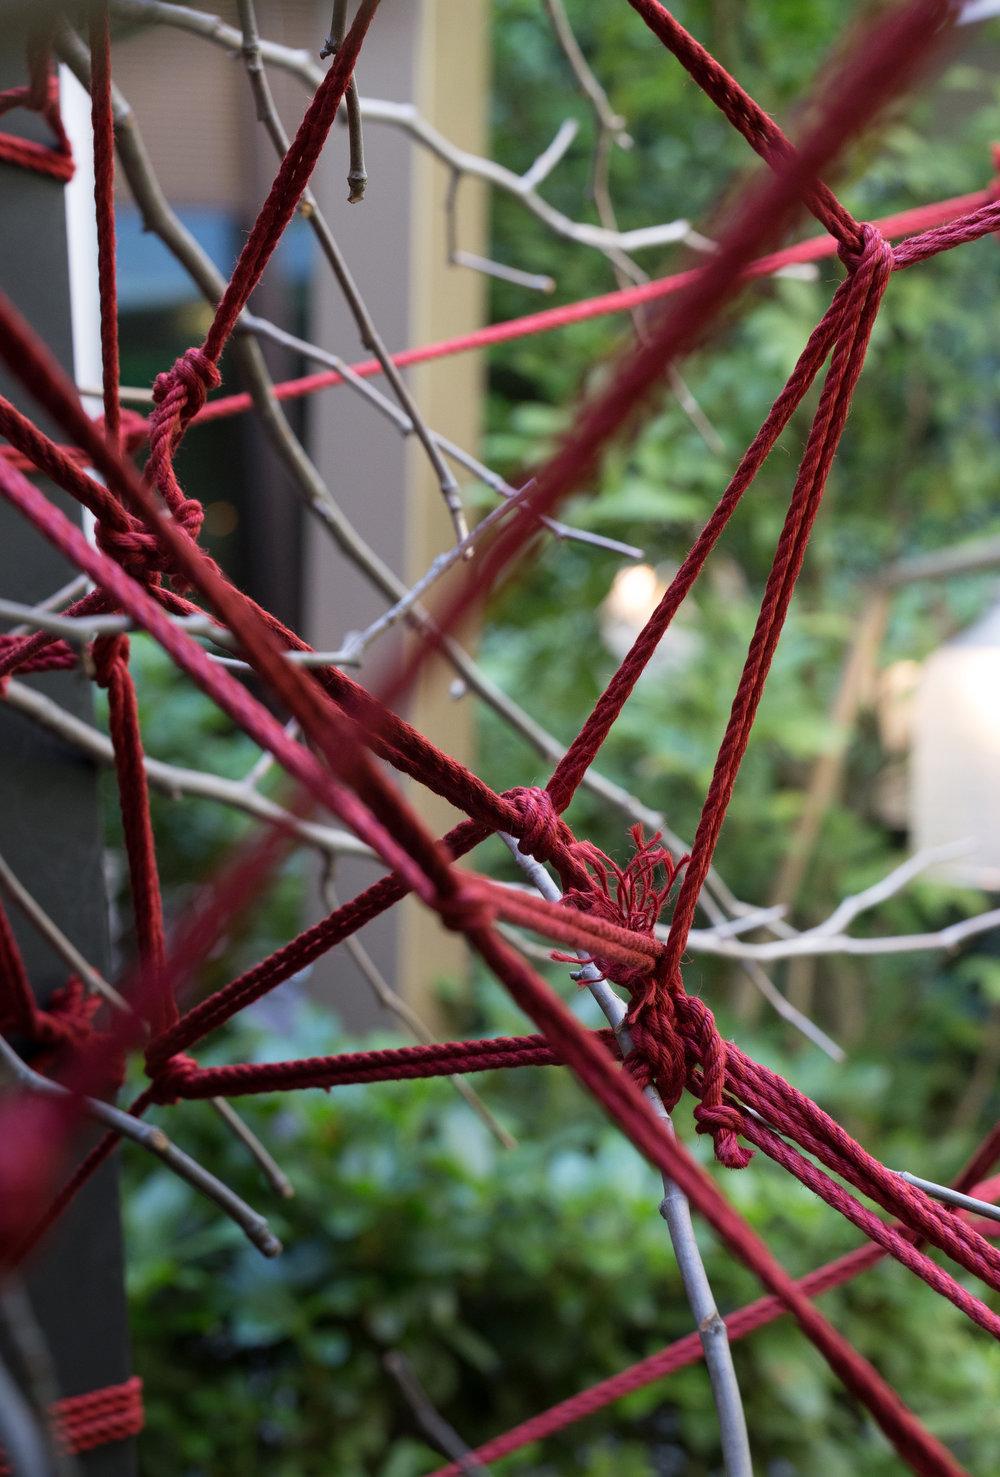 The Red Garden / Hôtel Mandarin Oriental Paris   L'Agence Christophe Gautrand & Associés imagine une installation végétale insolite, mélangeant subtilement l'univers élégant et avant-gardiste de Tanqueray au Shibari.